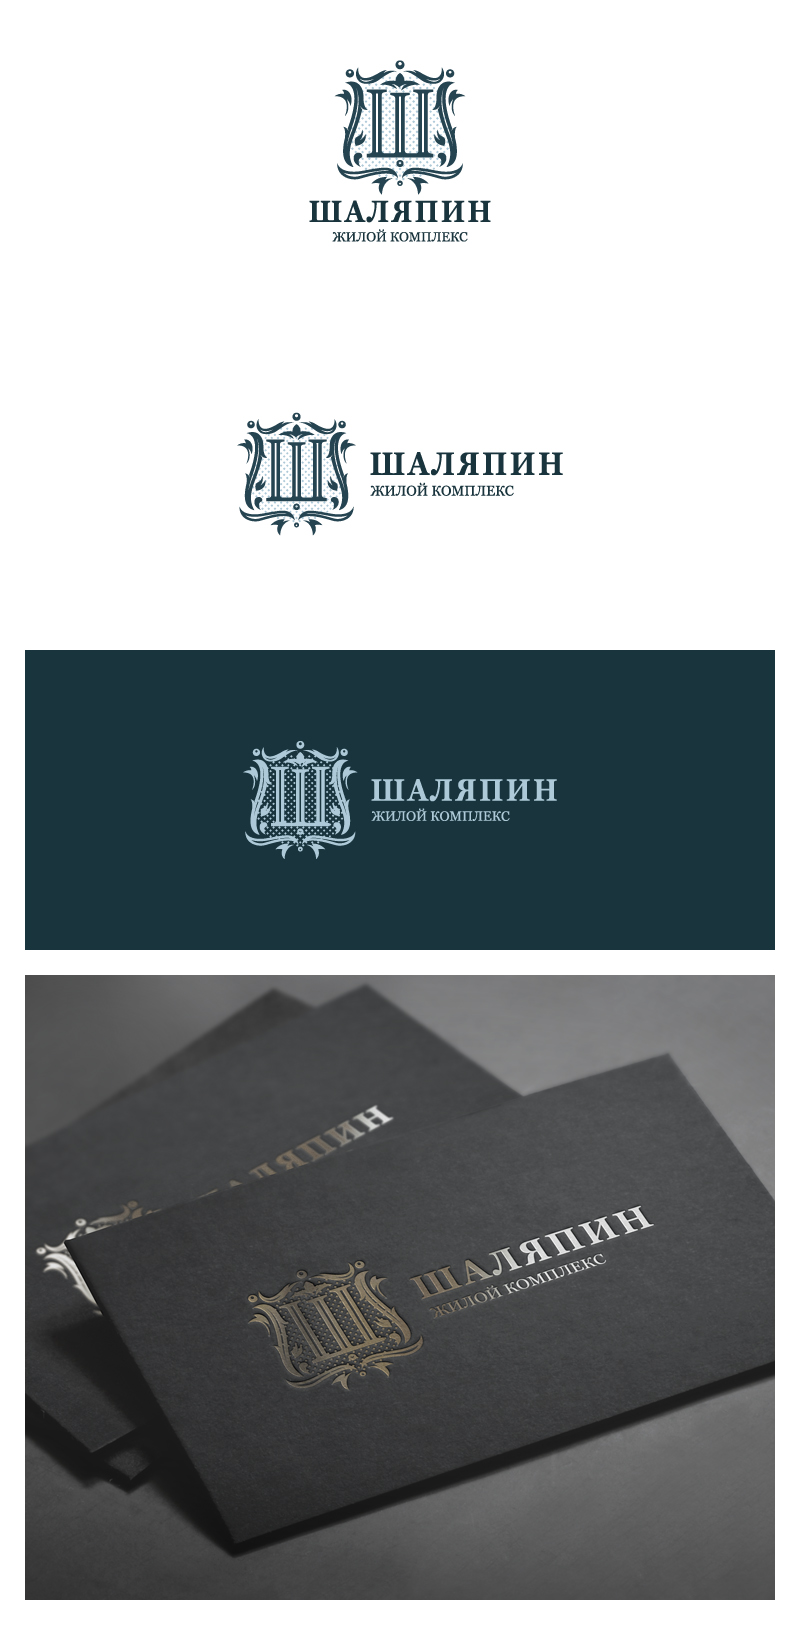 """""""Шаляпин"""" - жилой комплекс бизнес-класса"""